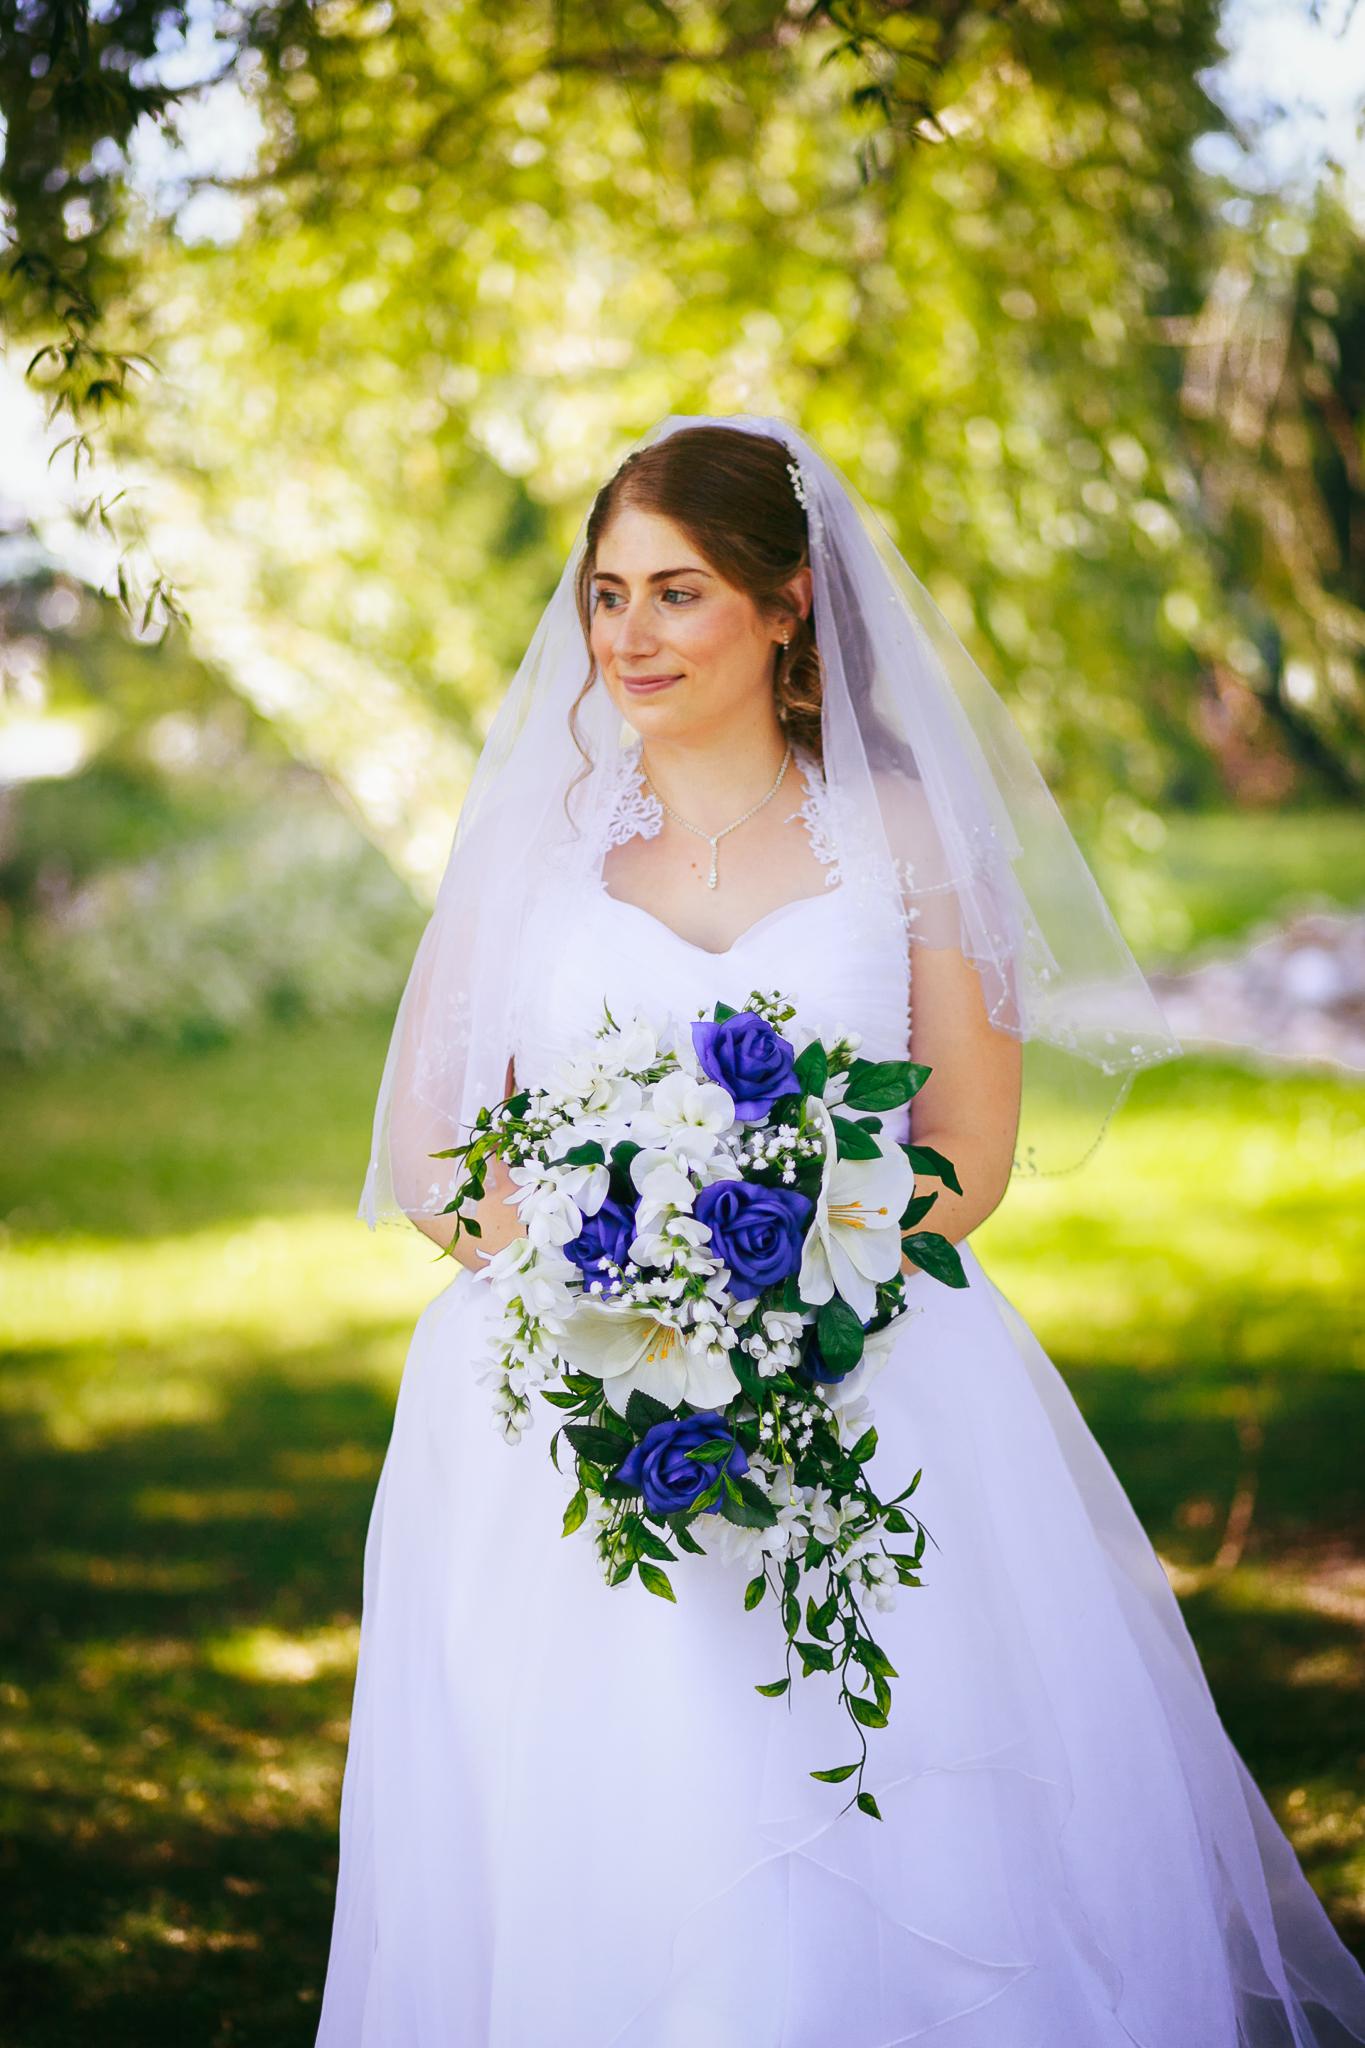 mariage-mariee-bouquet-robe-erabliere-meunier-richelieu-montérégie